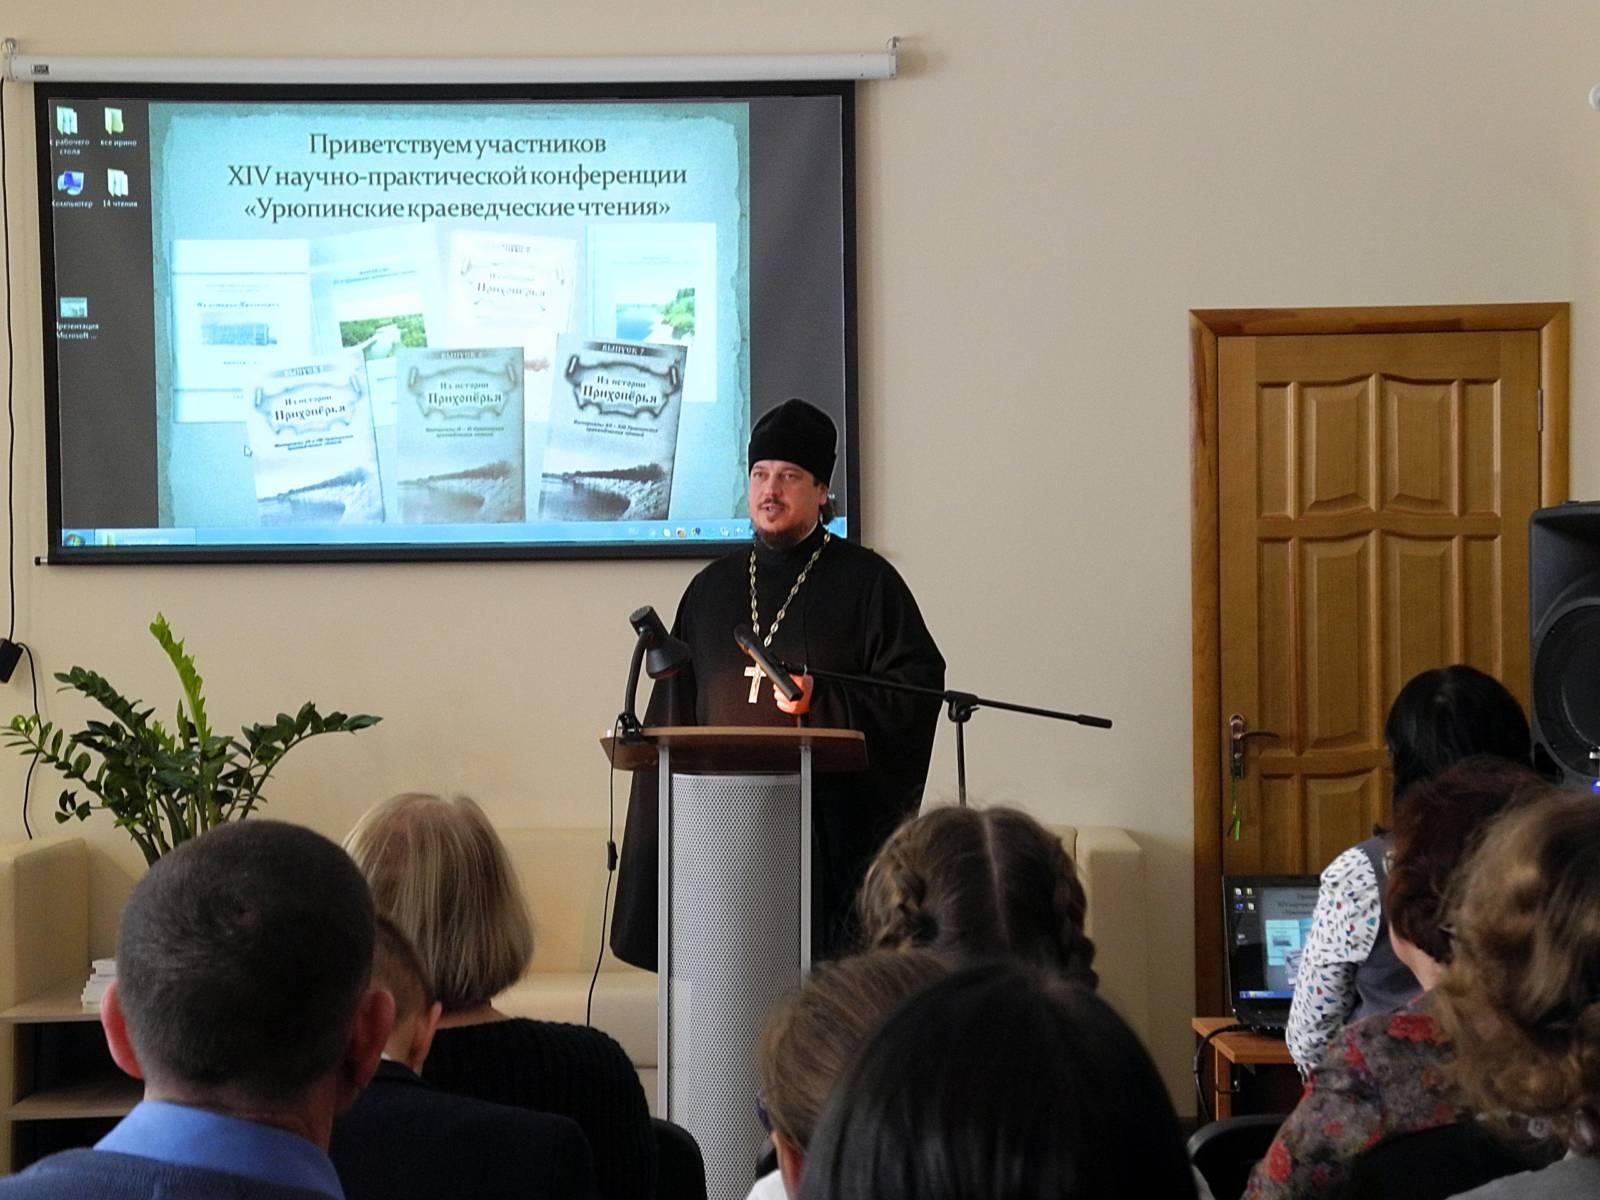 Благочинный Урюпинского округа протоиерей Алексий Маслов принял участие в Урюпинских краеведческих чтениях.